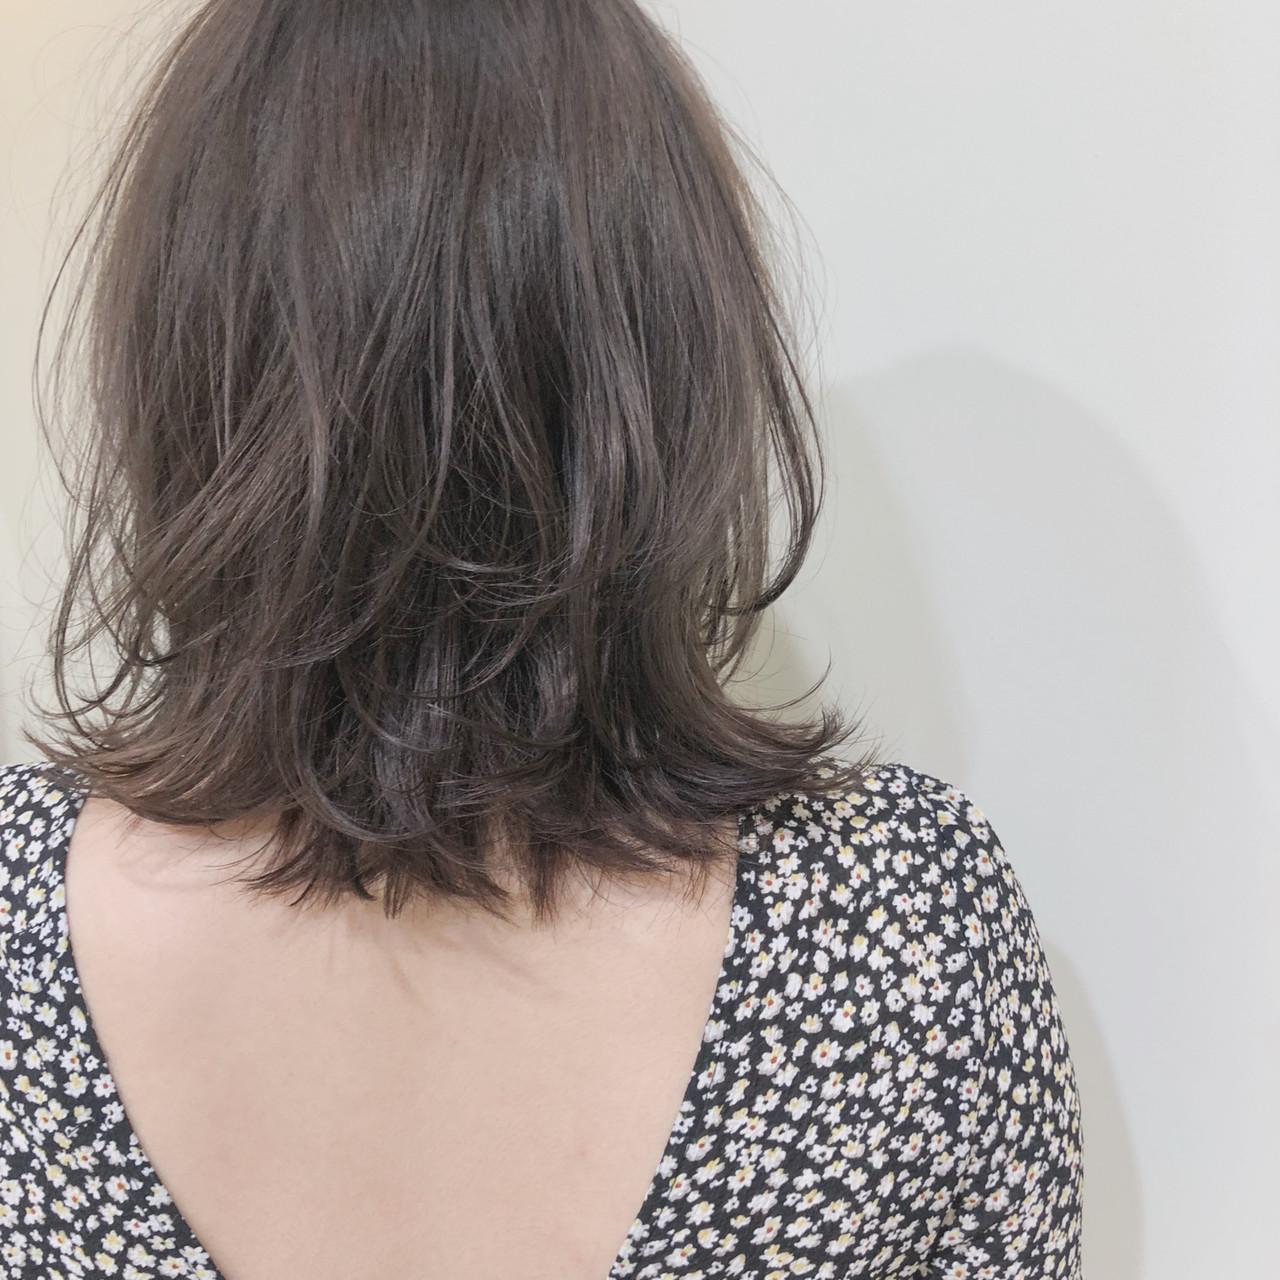 ガーリー ヘアアレンジ アンニュイほつれヘア ゆるふわ ヘアスタイルや髪型の写真・画像